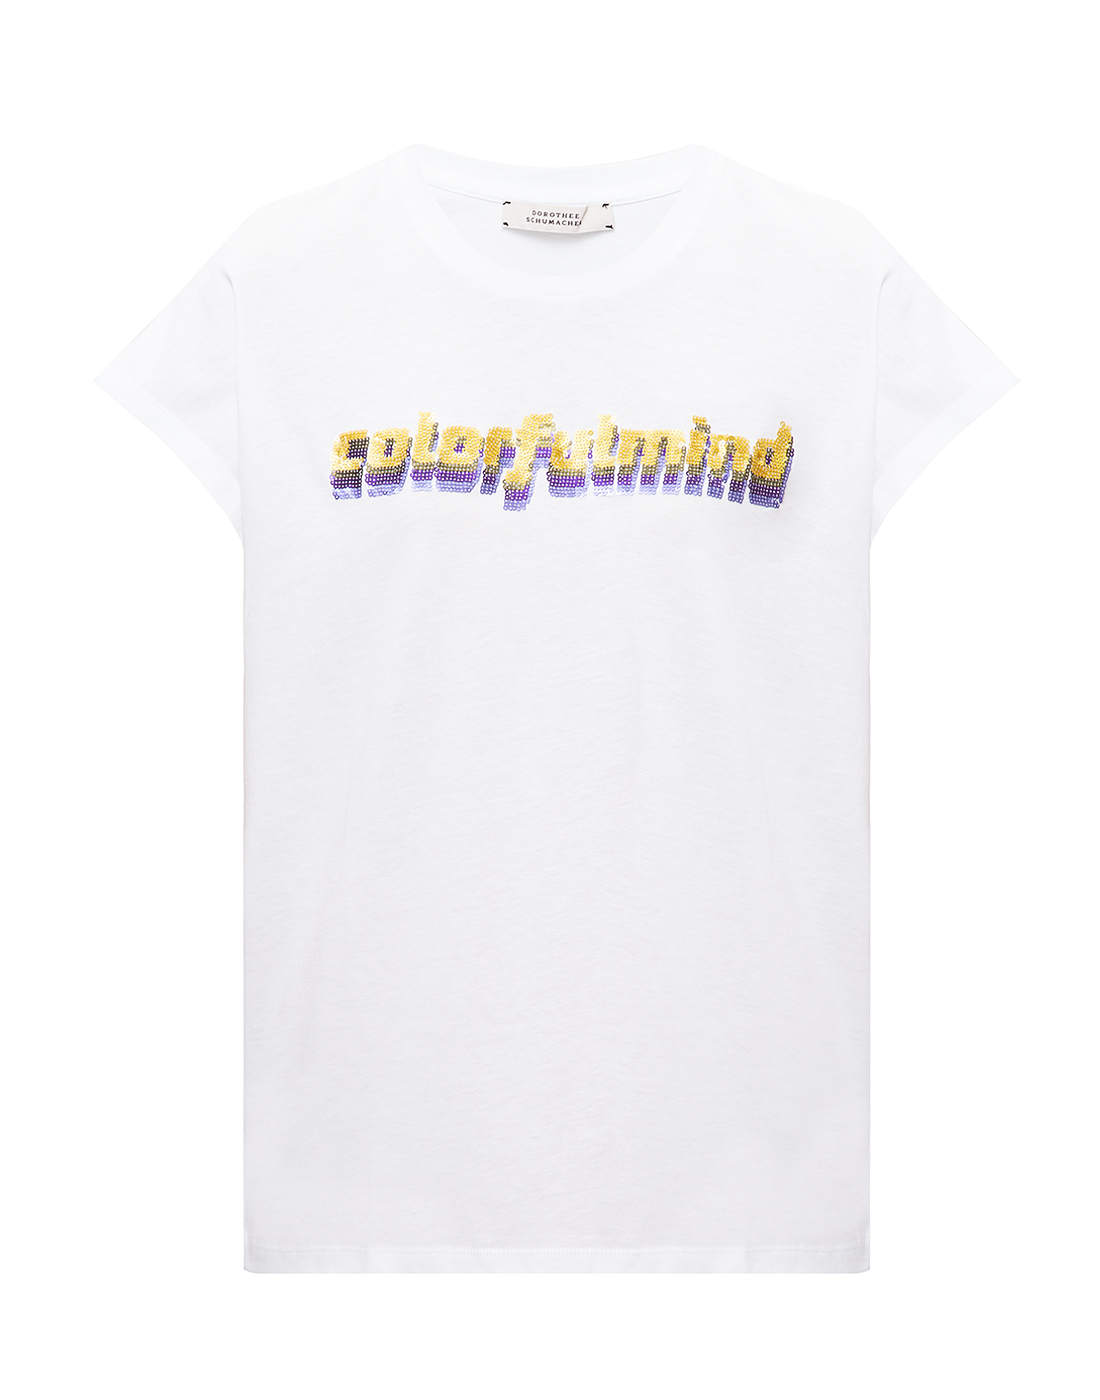 Женская белая футболка с вышивкой пайетками  Dorothee Schumacher S623103/026-1